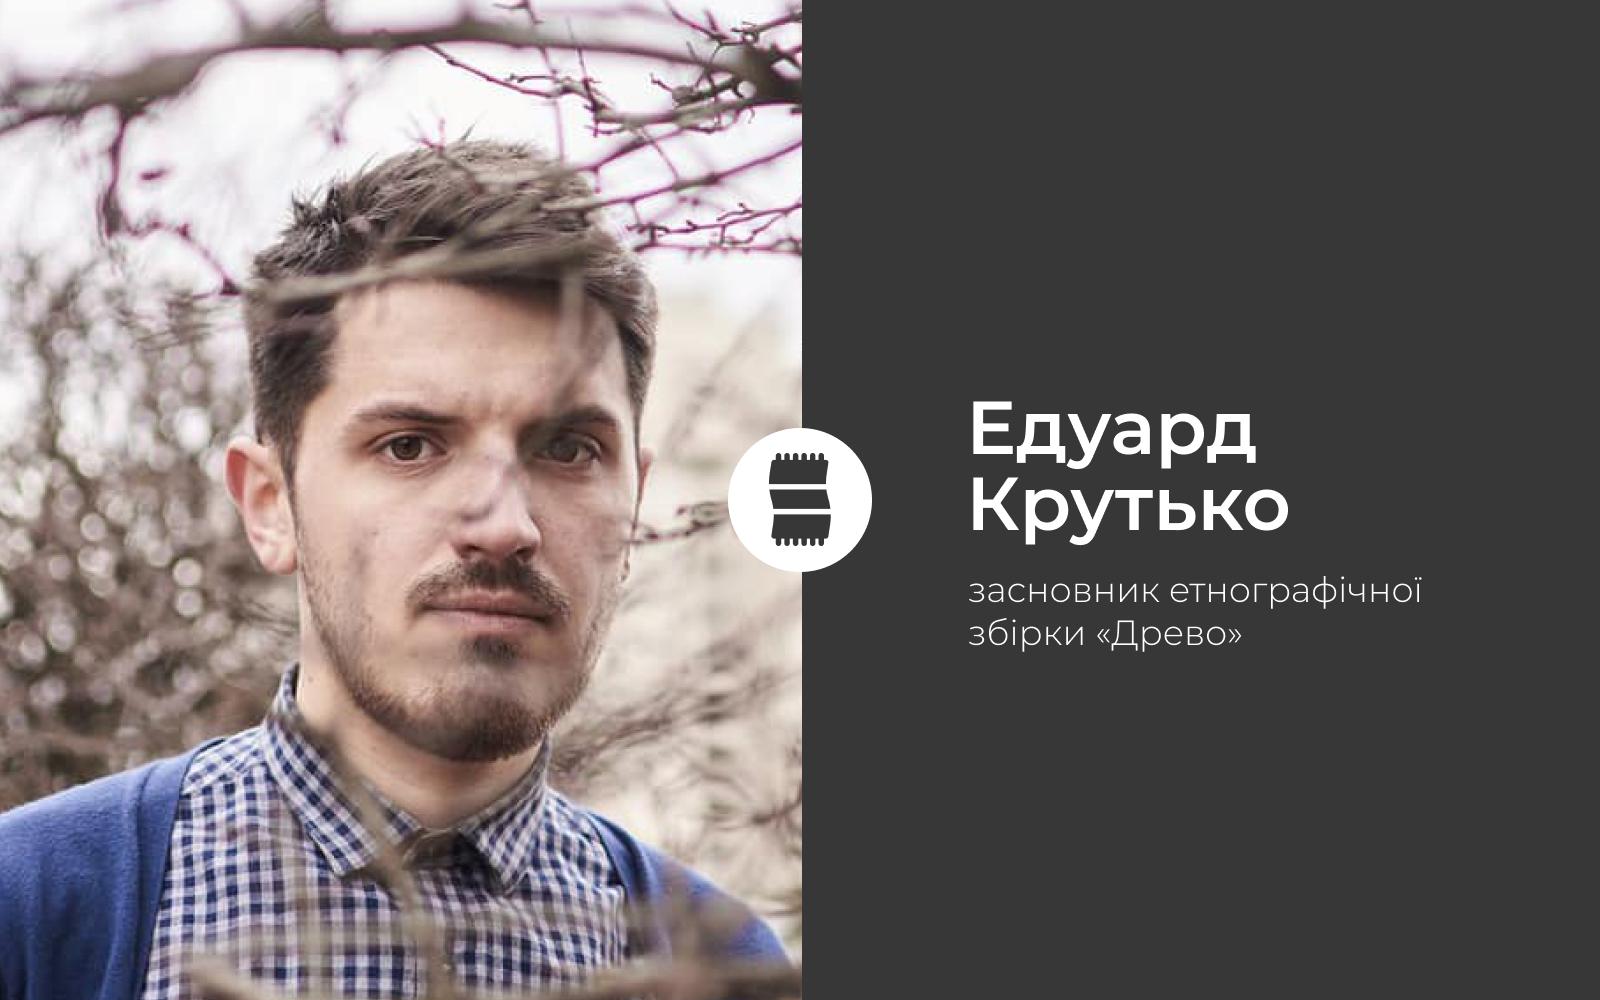 Едуард Крутько